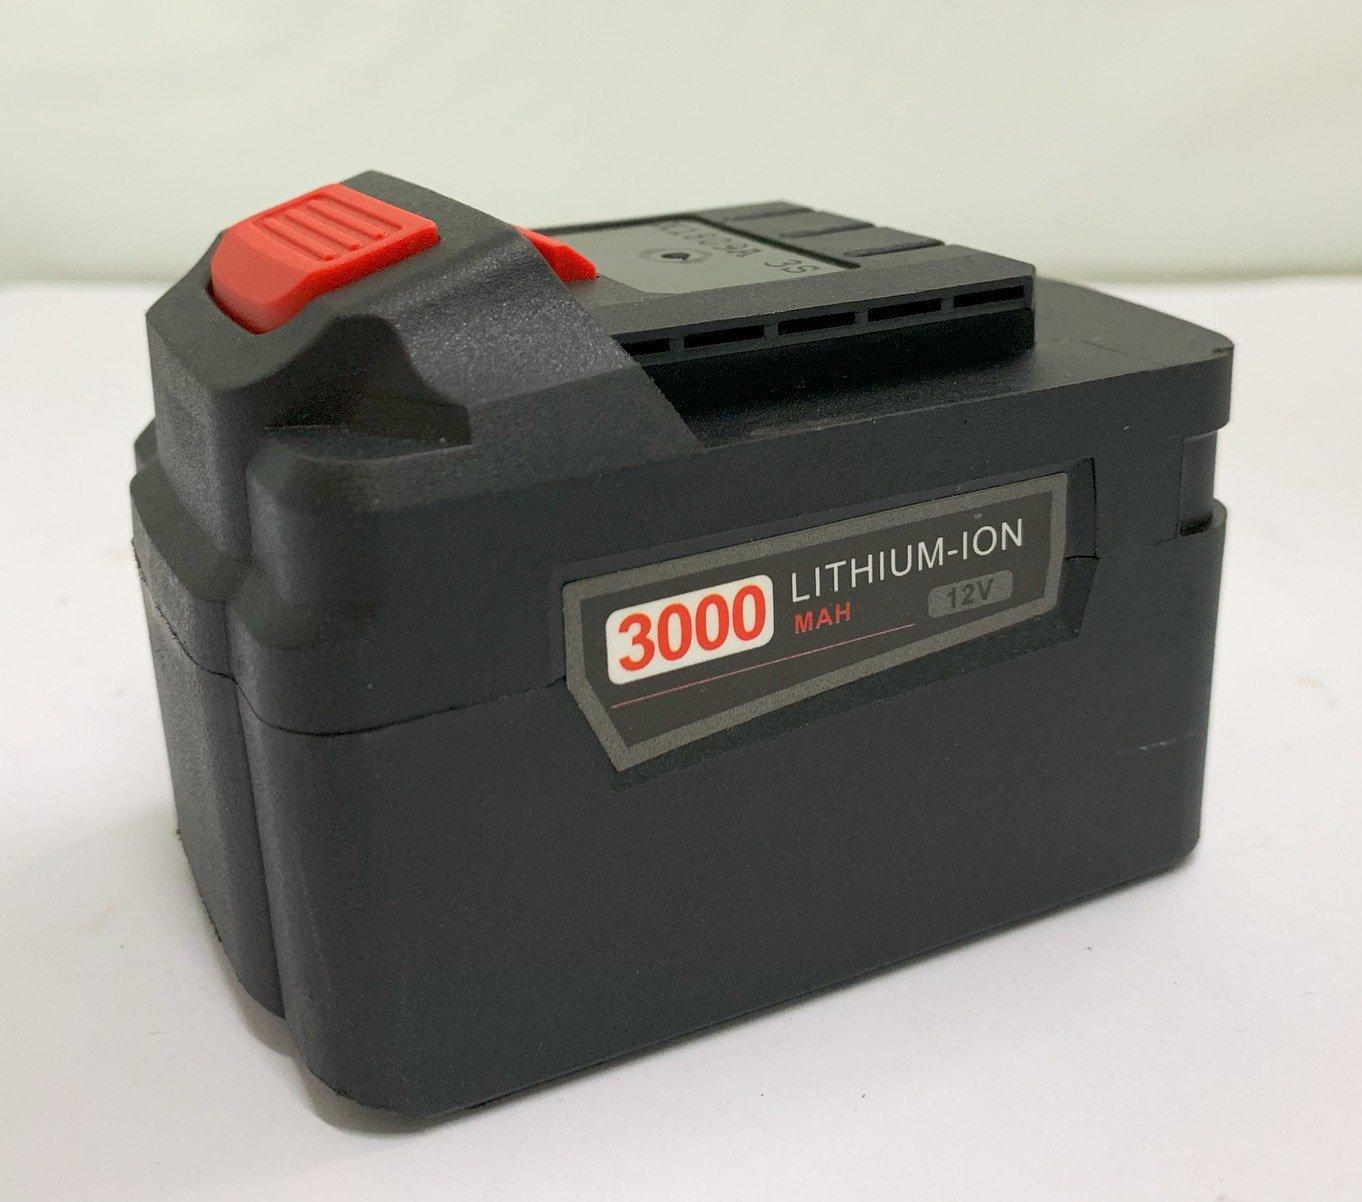 鋰電池 德國 普朗德馬刀鋸 12V 3.0Ah (3000mah) 充電鋰電池  普朗德12V馬刀鋸